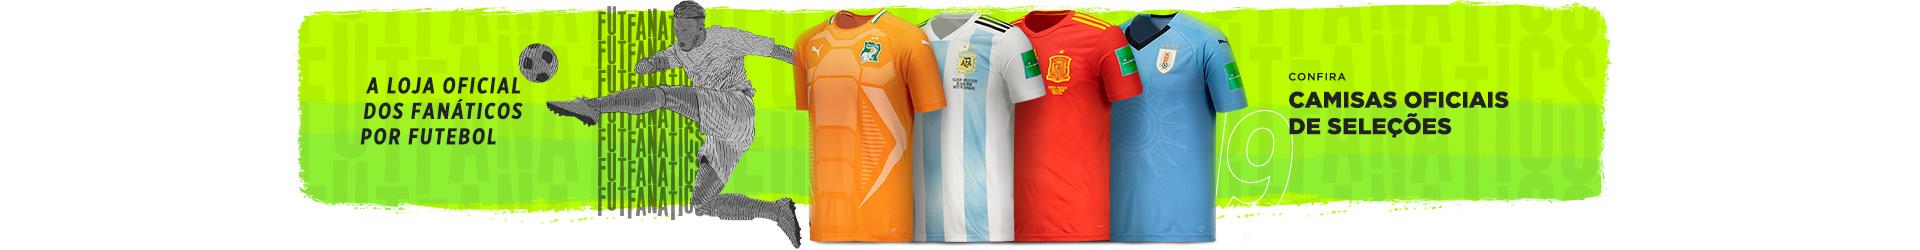 9dfe4c658801a Camisas Oficiais de Futebol da Seleção de País de Gales - FutFanatics